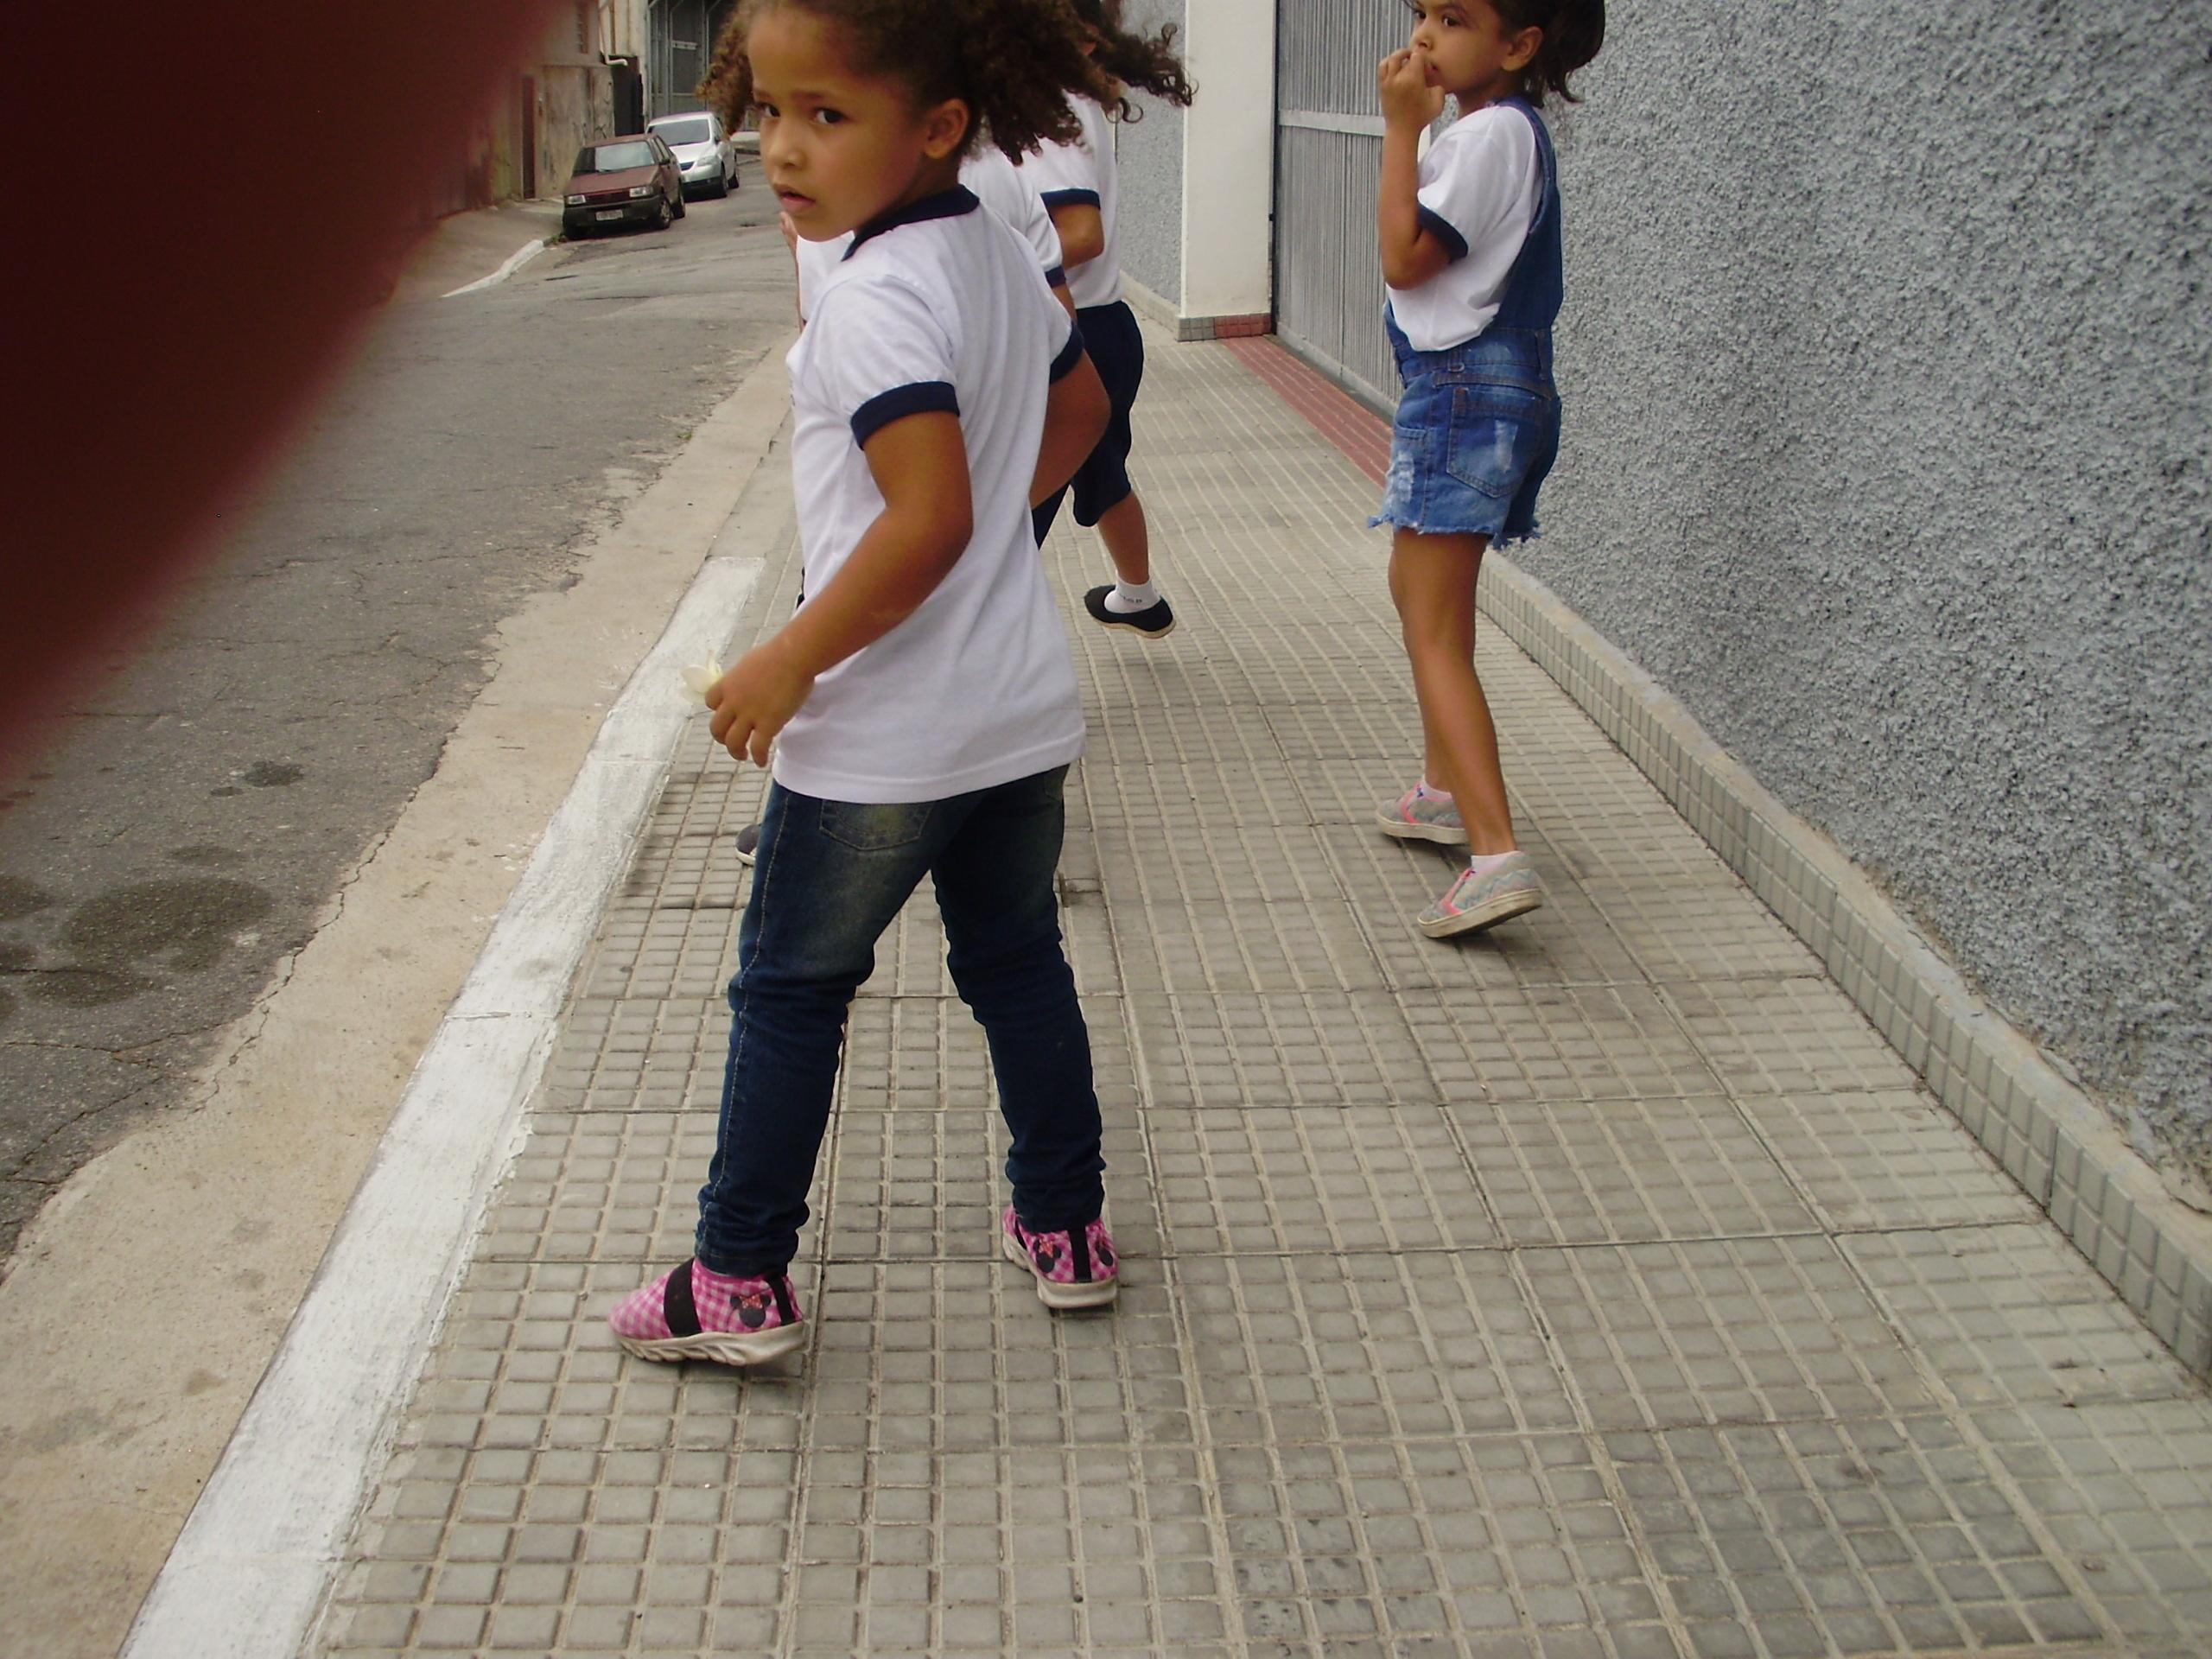 Grupo Emily, Maria Sofia, Ryan e Artur: Calçada larga para brincar